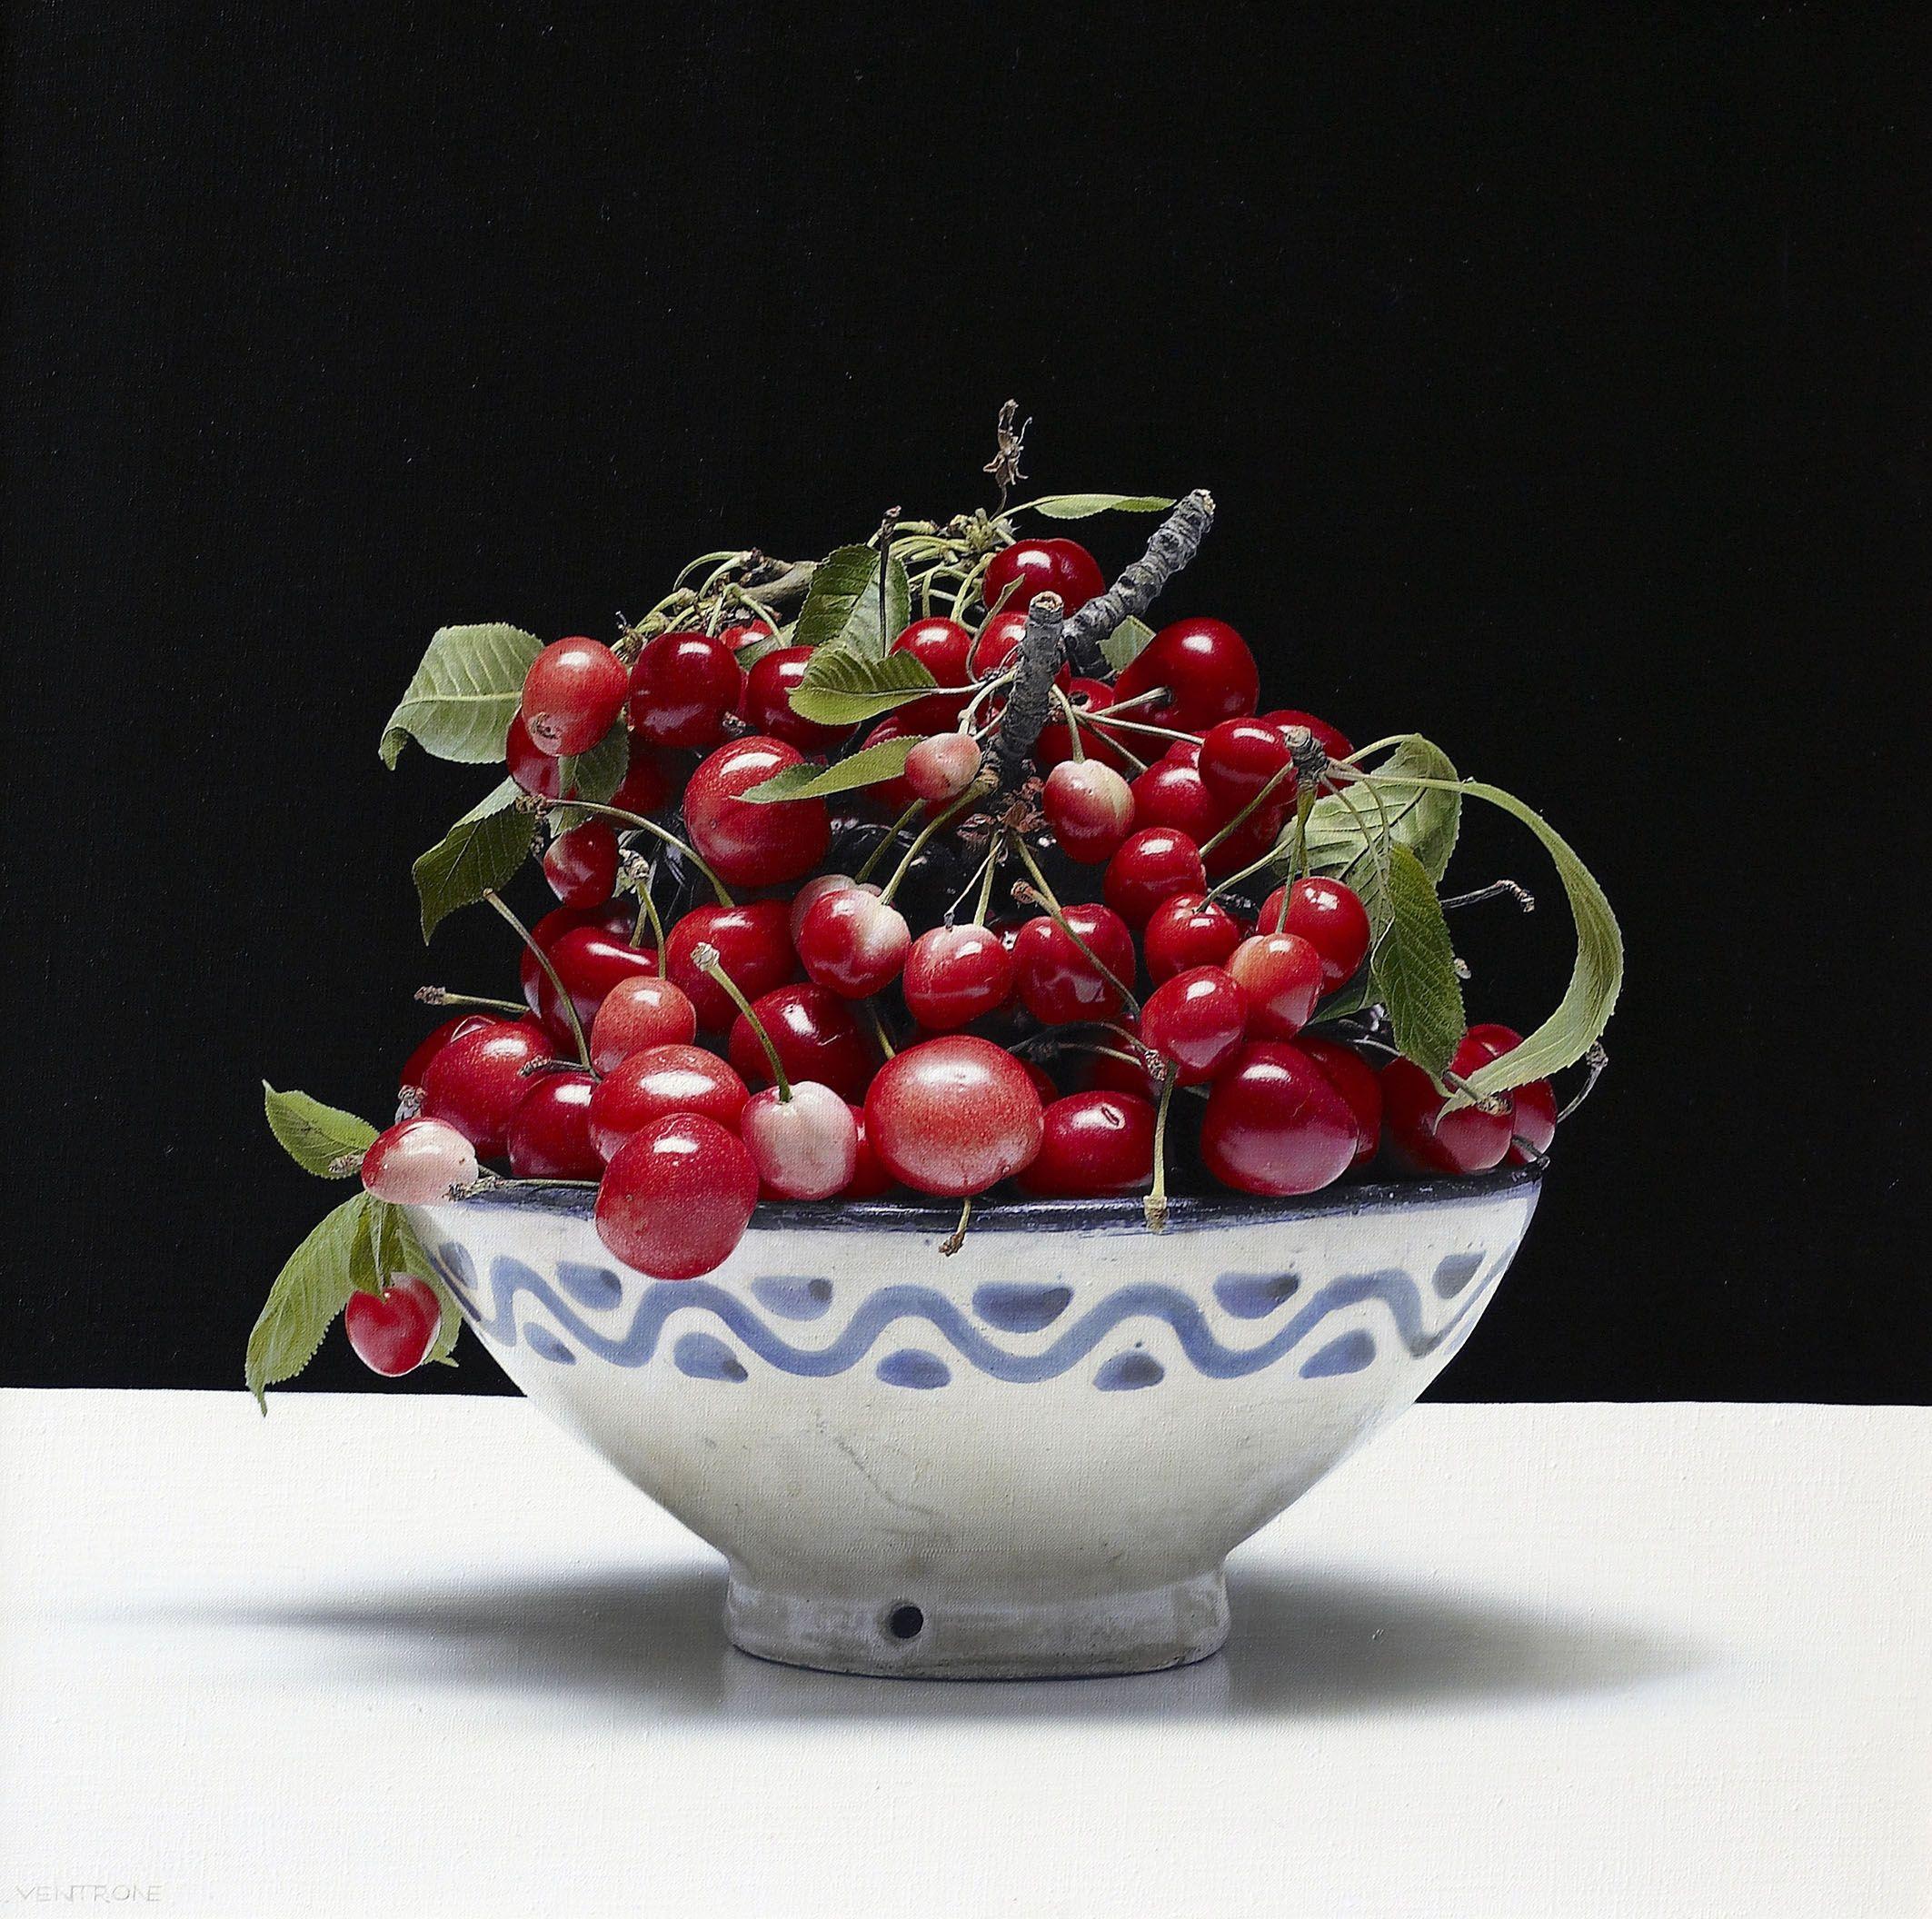 """Luciano Ventrone, """"Ciotola di ceramica con ciliegie"""", olio su tela, 50 x 50 cm. Collezione privata"""